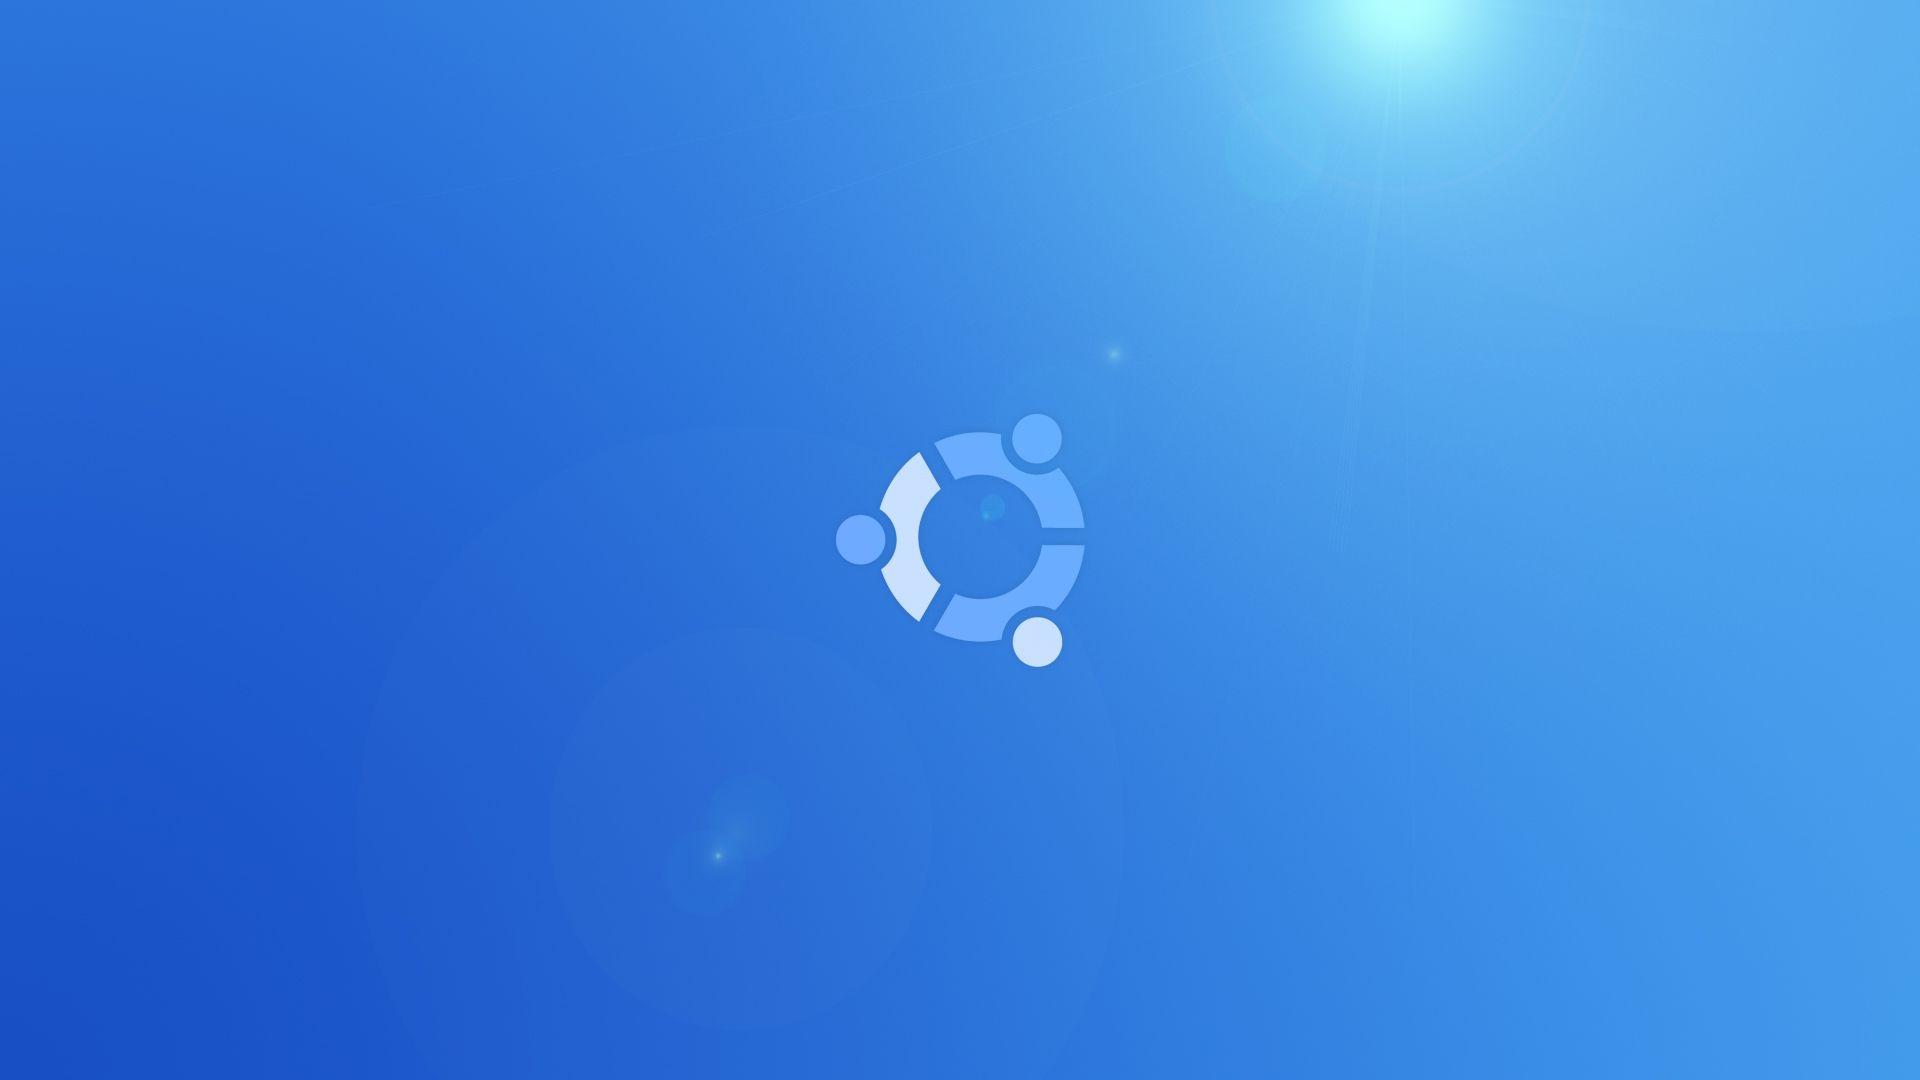 Ubuntu Wallpaper Download Full